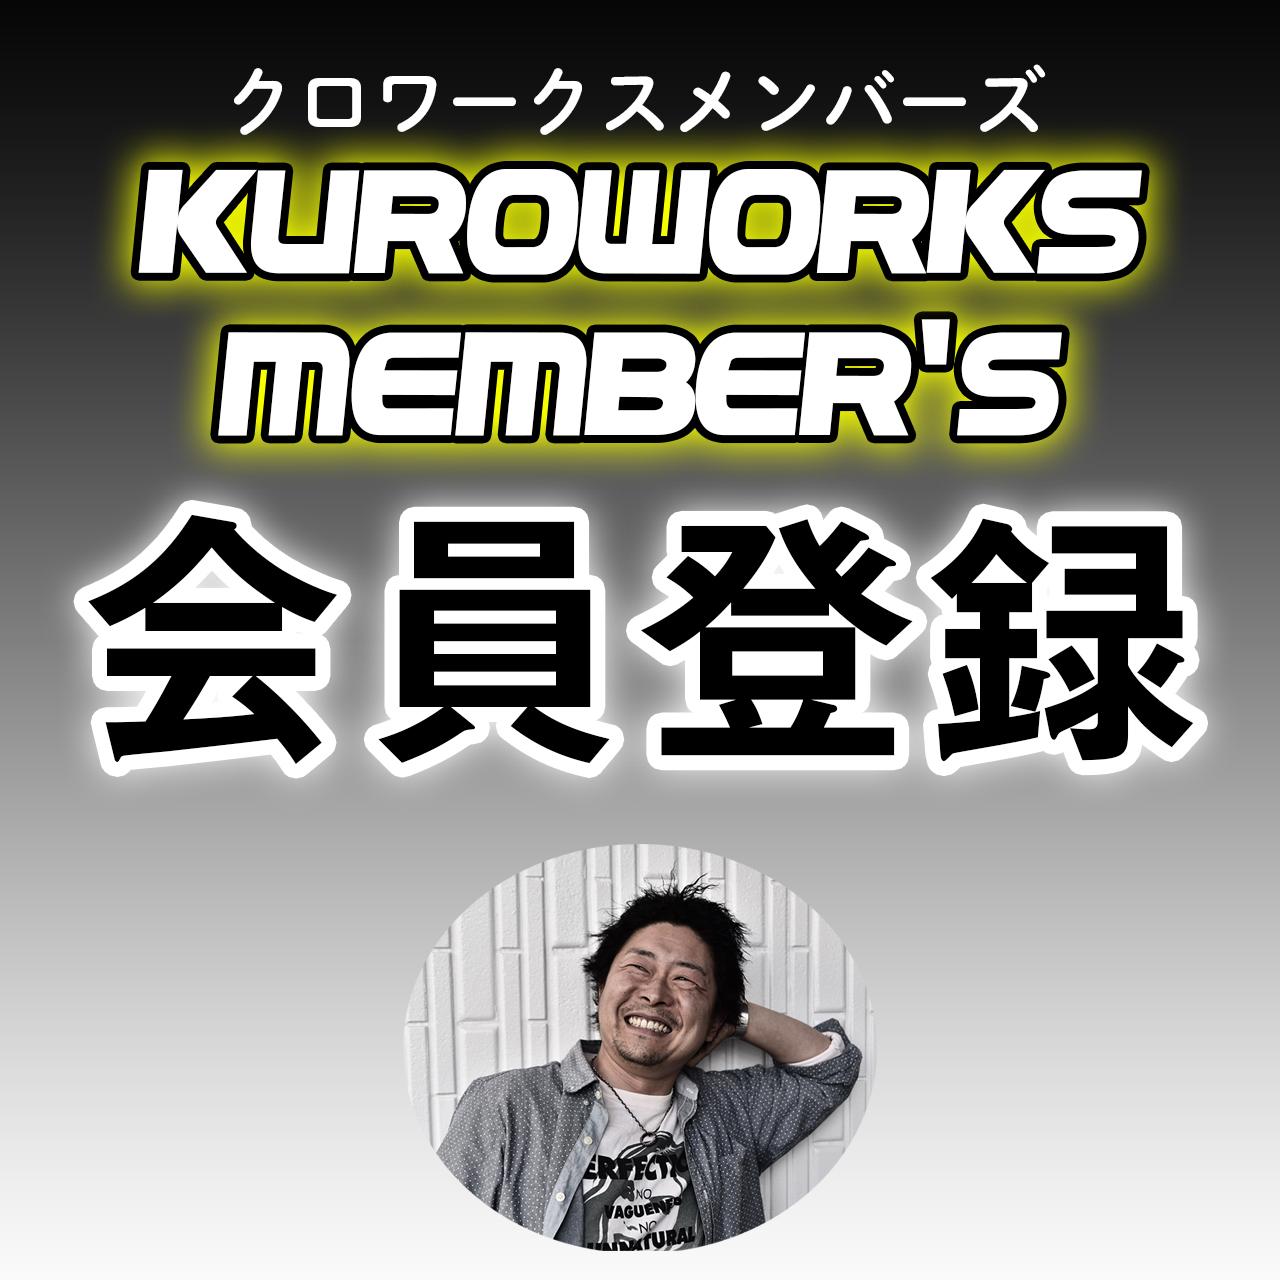 【月額課金】クロワークスメンバーズ KUROWORKS Members